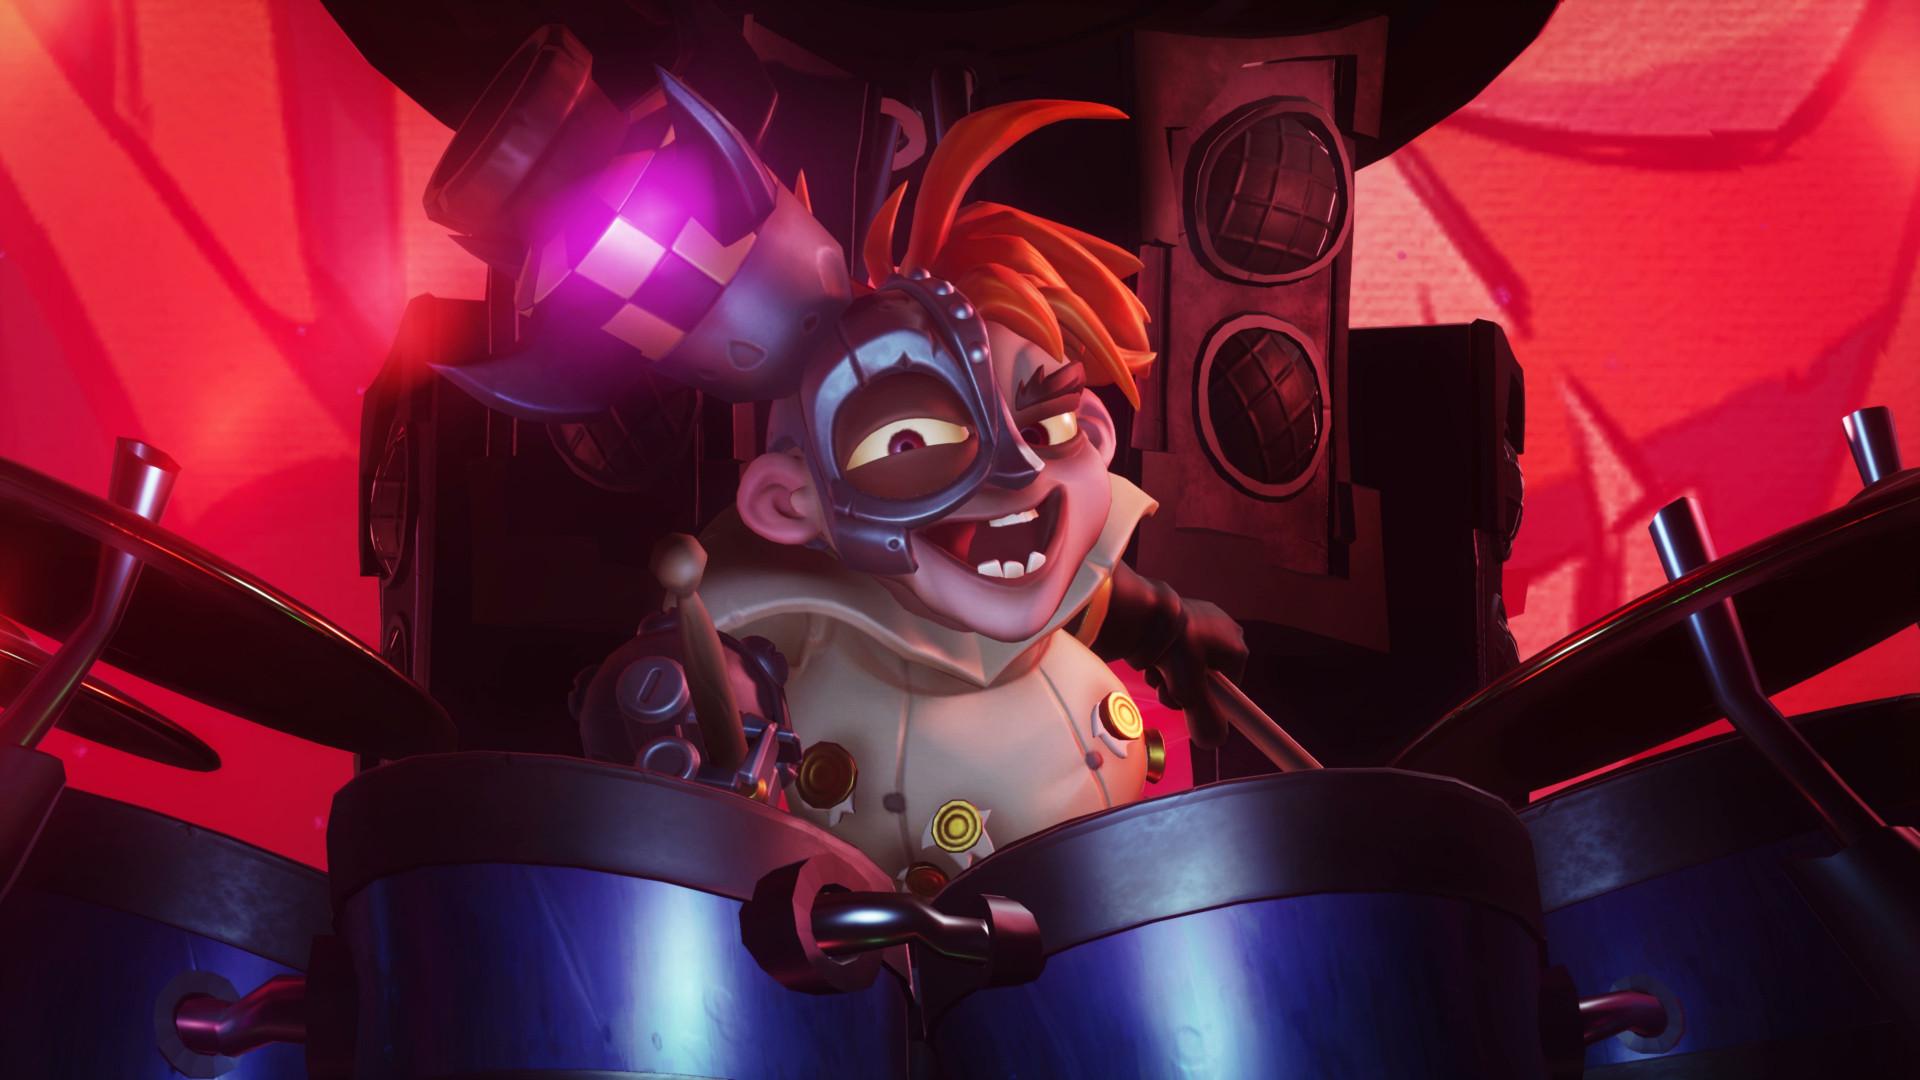 Трейлер Crash Bandicoot 4: It's About Time — игра выйдет 2 октября